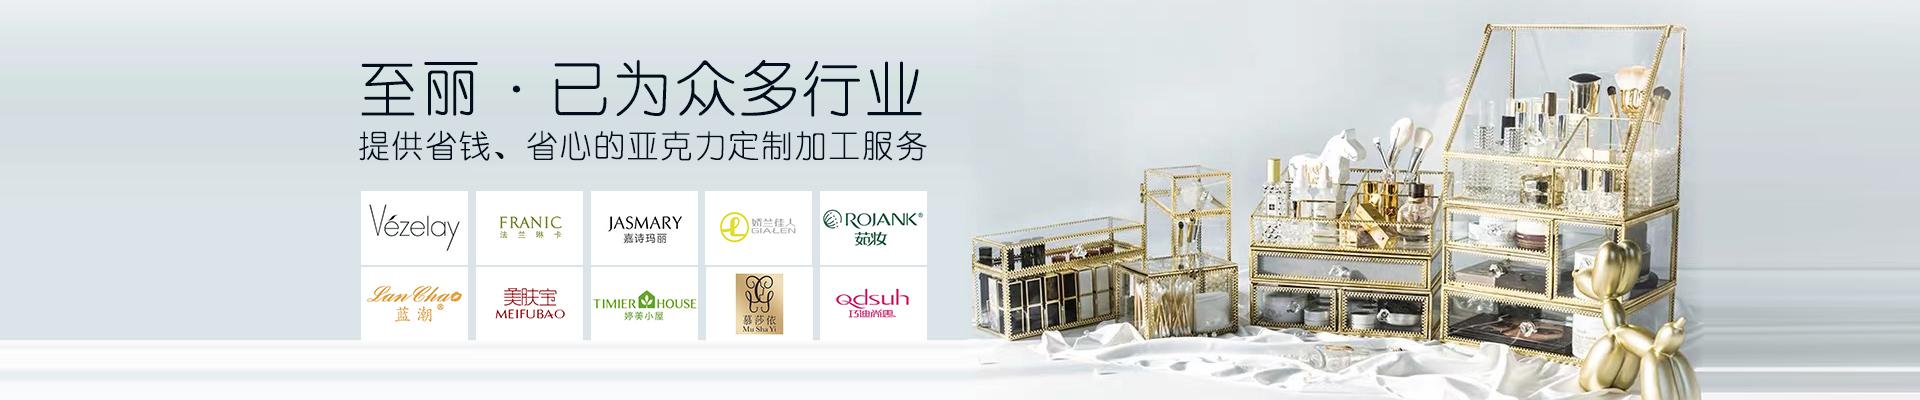 提供省钱、省心的亚克力定制加工服务-广州至丽